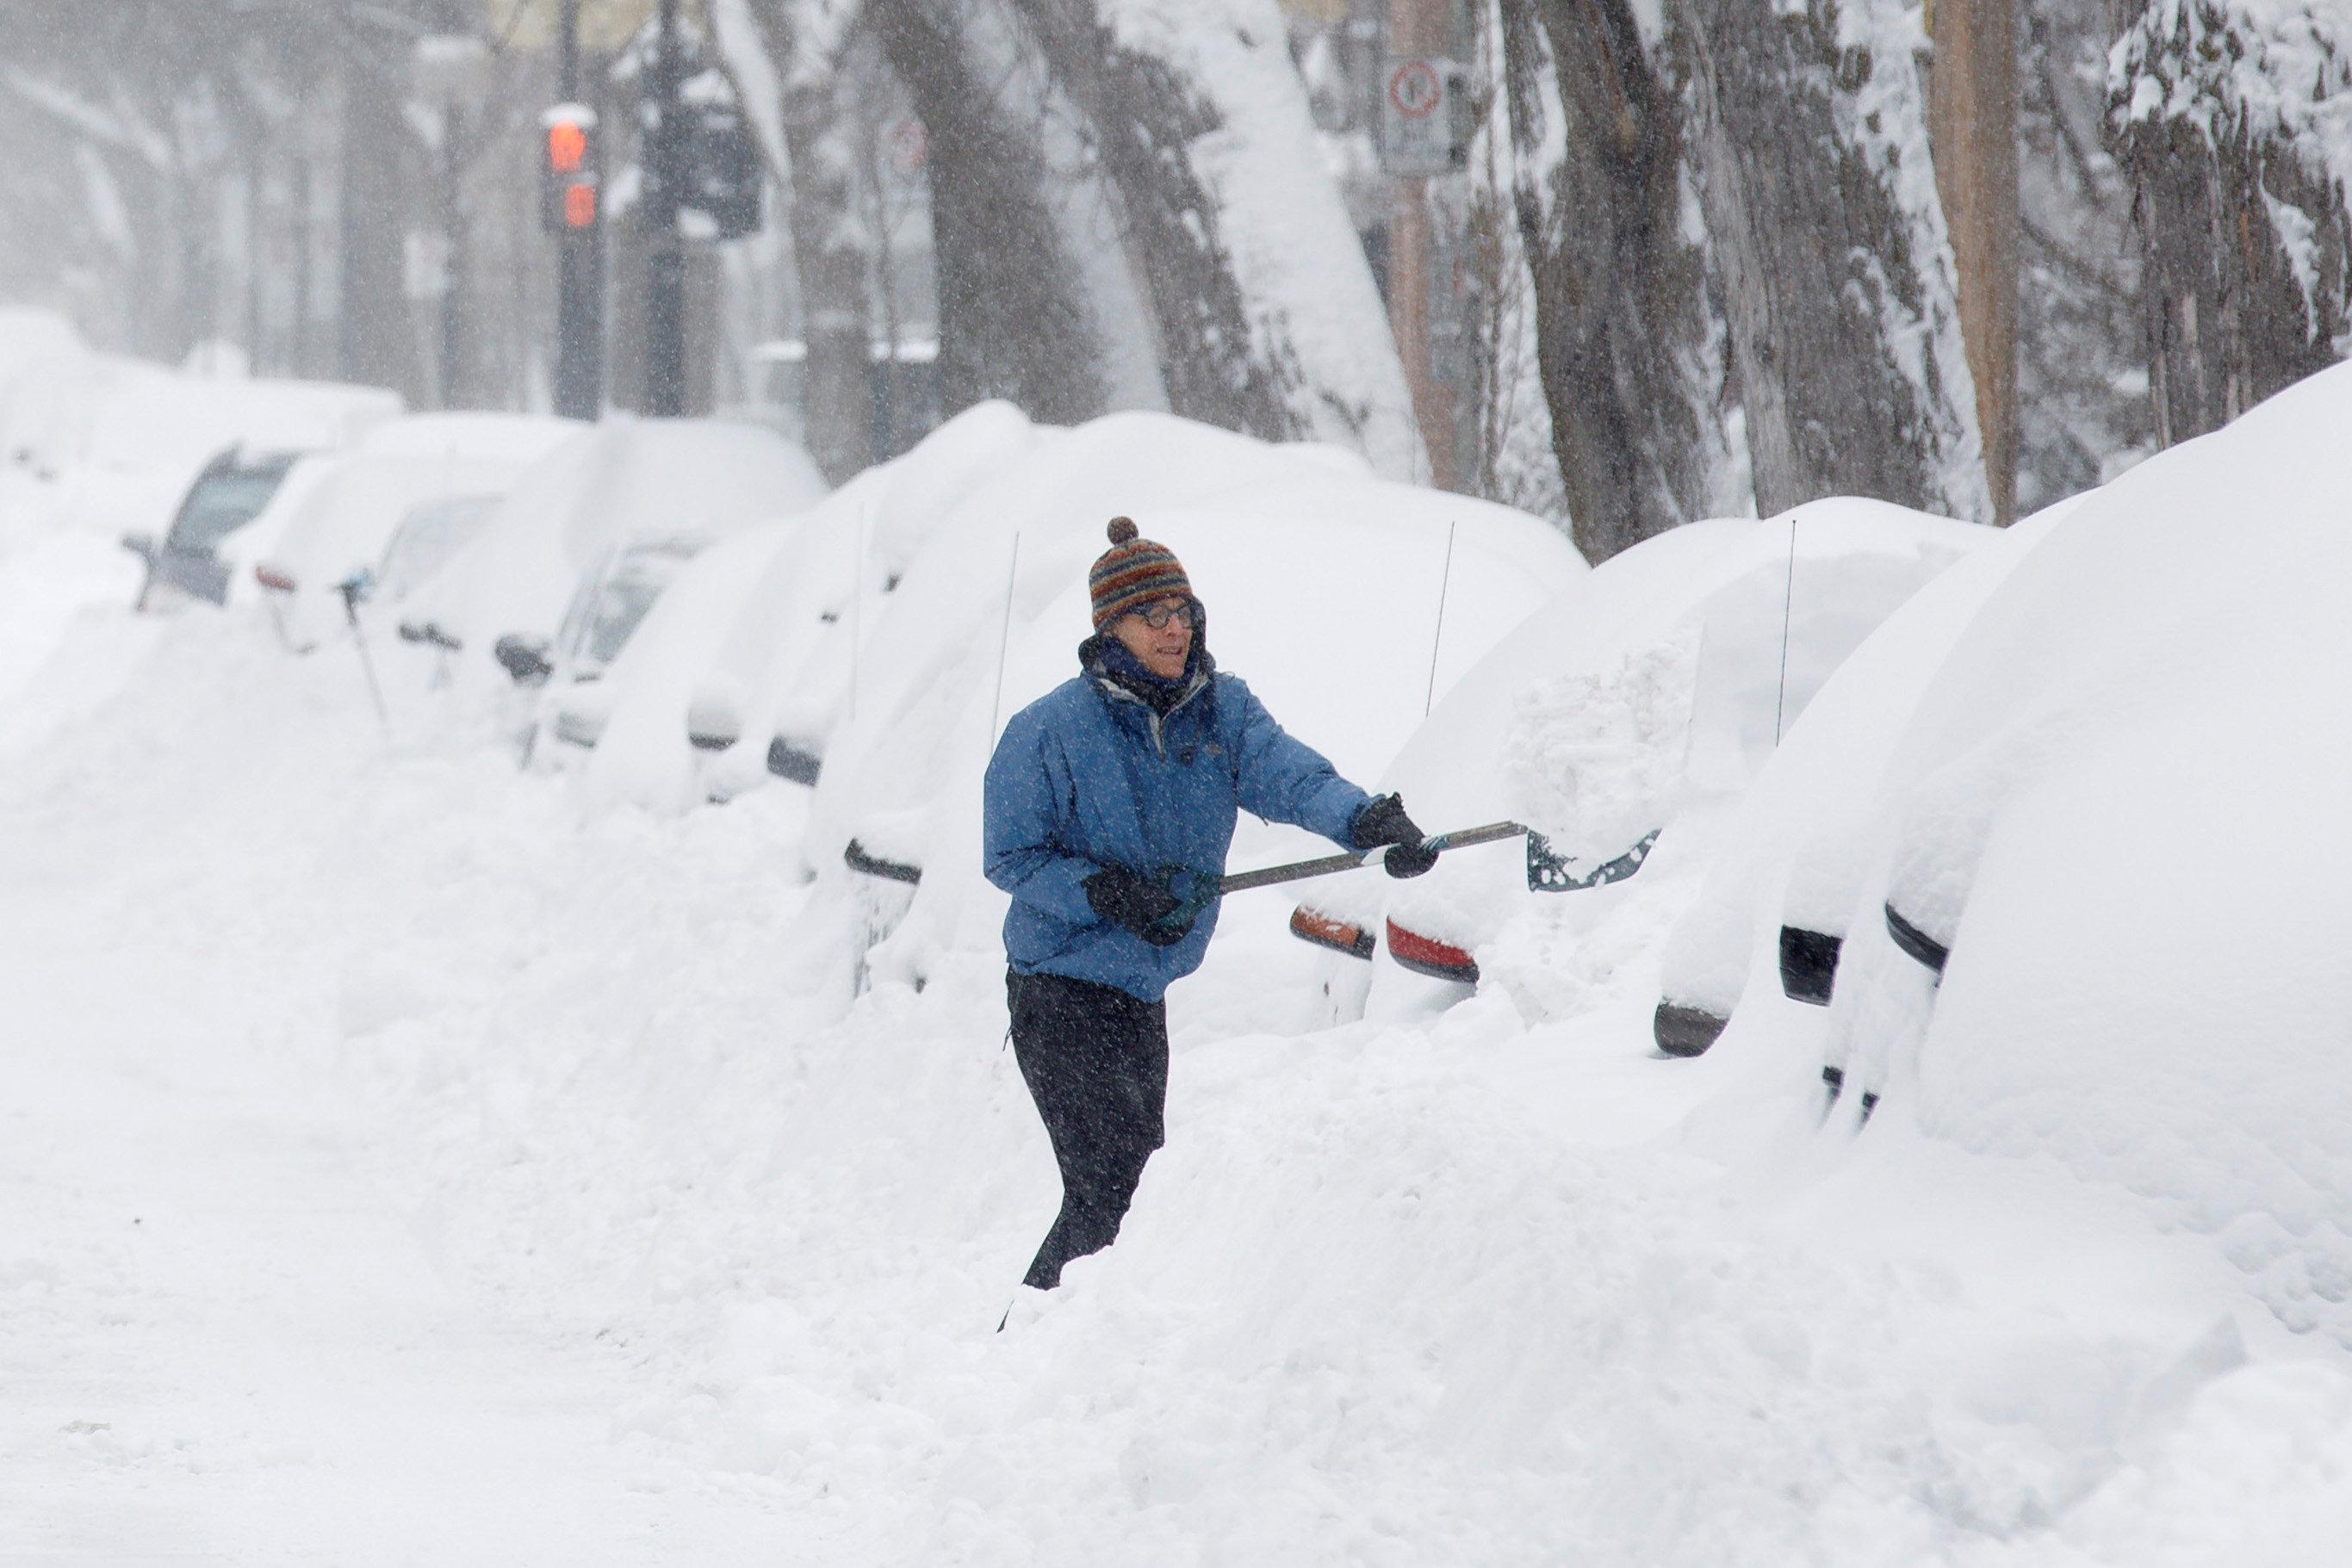 加拿大蒙特婁魁北克市區下了兩呎的積雪量,停在街道的車輛被白雪覆蓋。(路透)